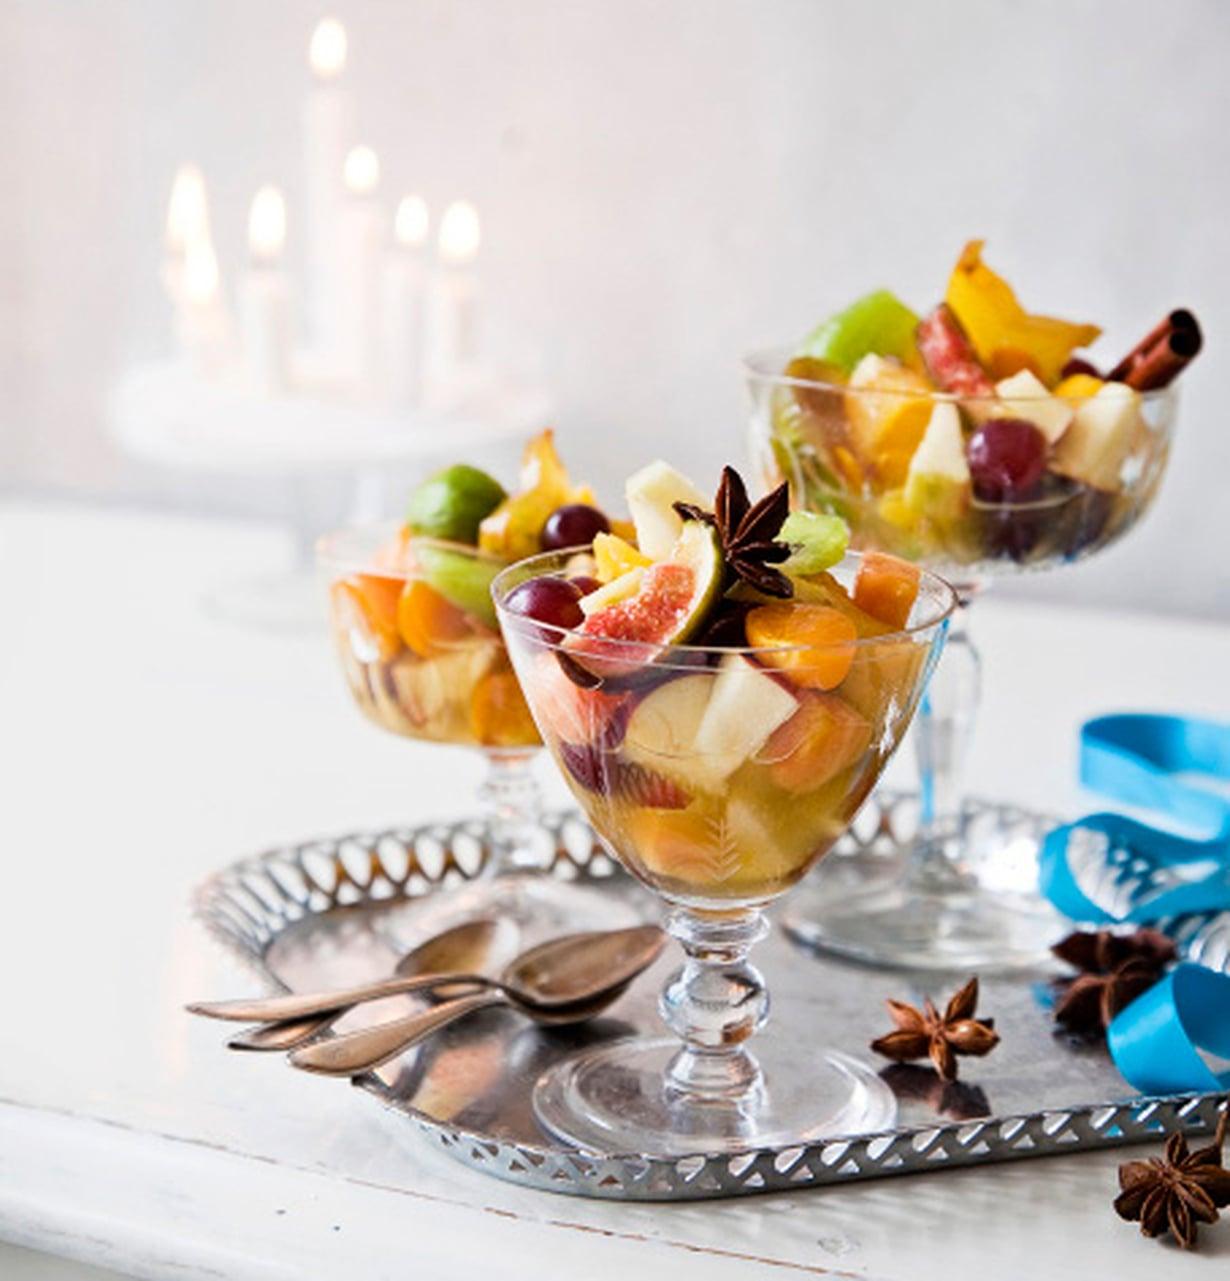 Raikkaassa hedelmäsalaatissa on talvisia mausteita.